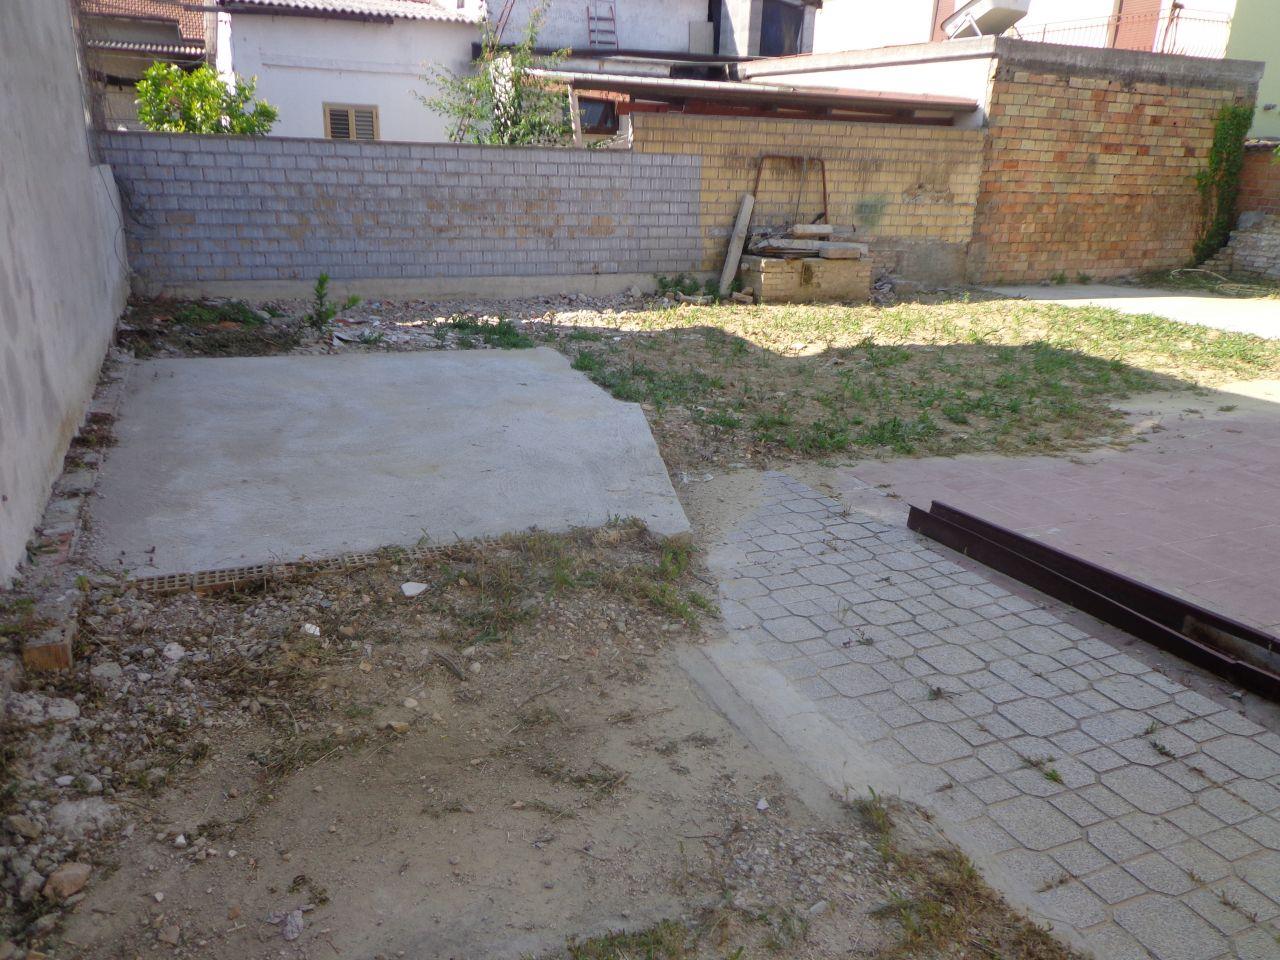 Soluzione Indipendente in vendita a Spinetoli, 9999 locali, zona Località: PagliaredelTronto, prezzo € 125.000 | Cambio Casa.it